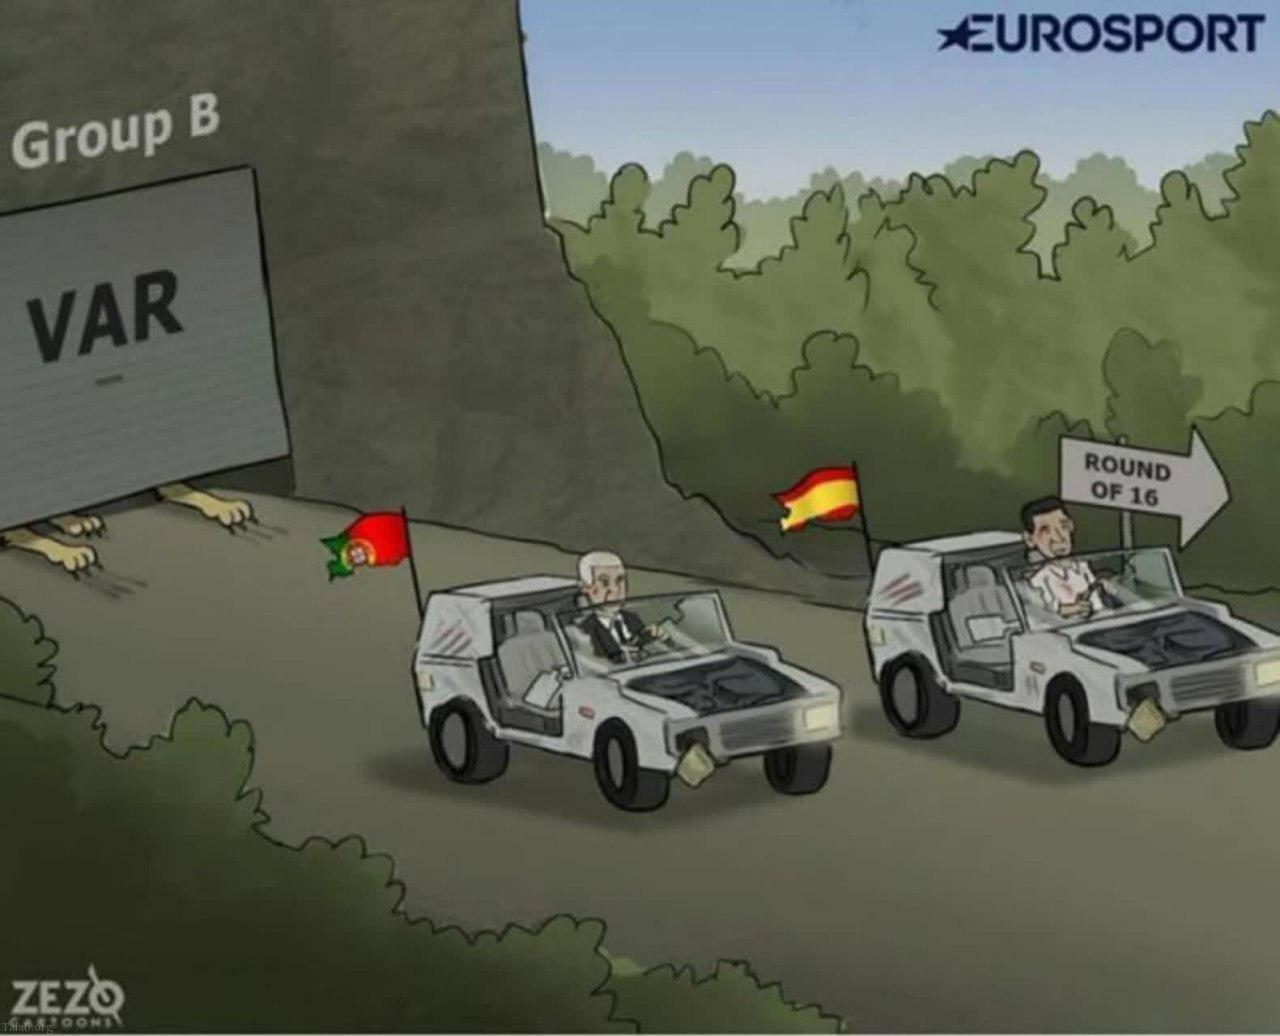 کاریکاتور صعود اسپانیا و پرتغال به کمک VAR (عکس)